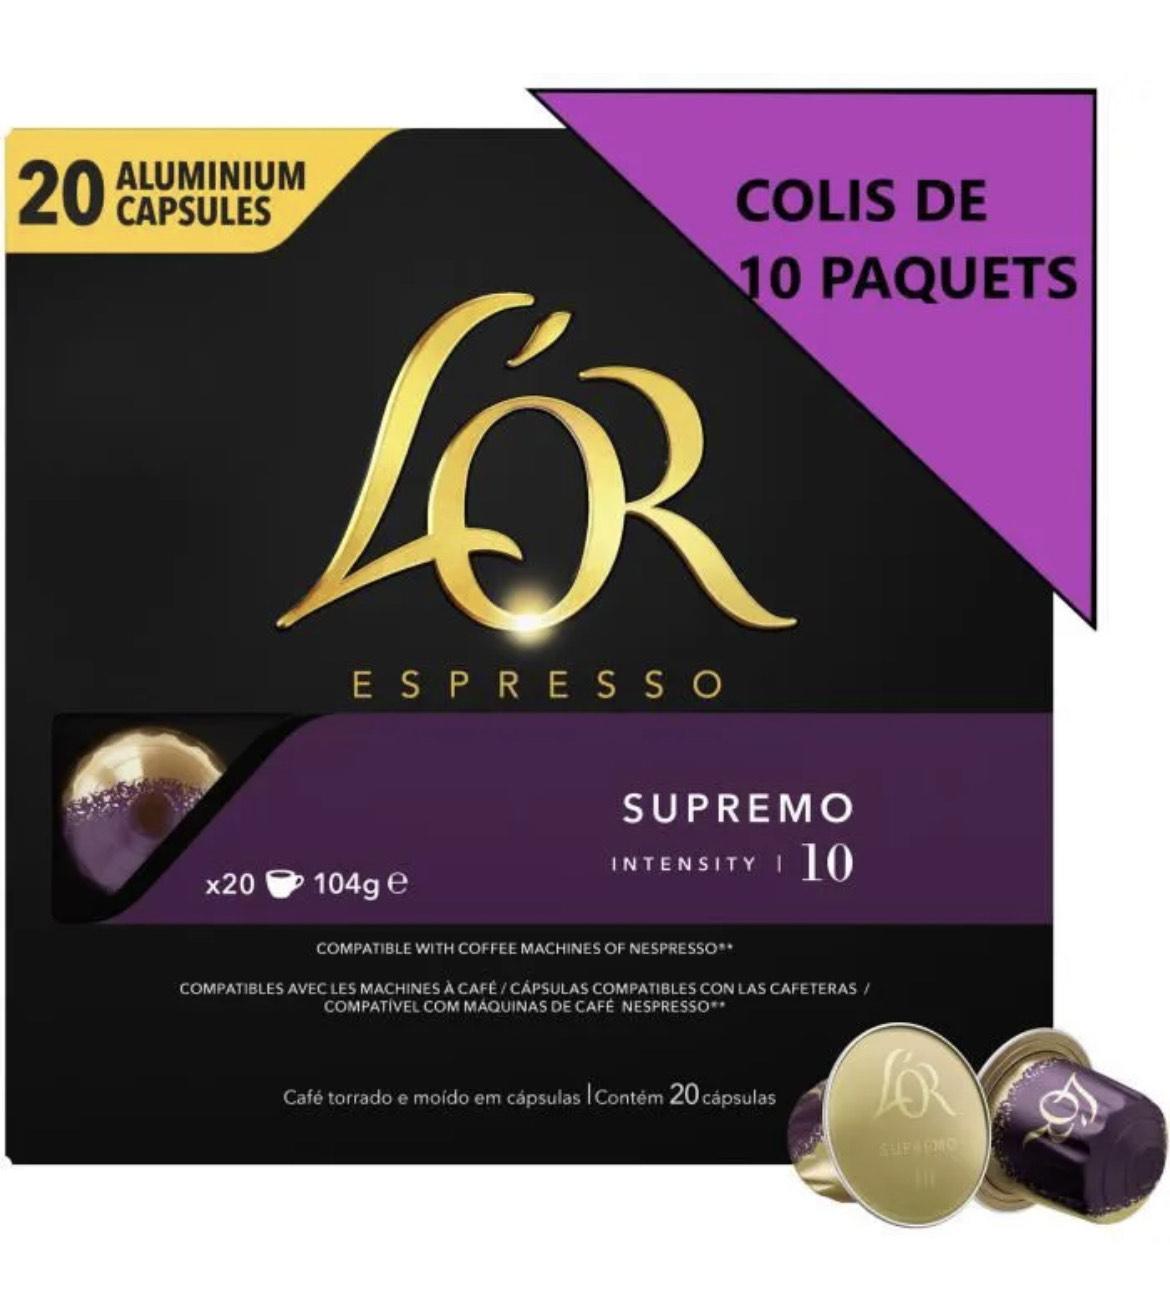 200 capsules de cafés L'Or Espresso Supremo - Intensité 11